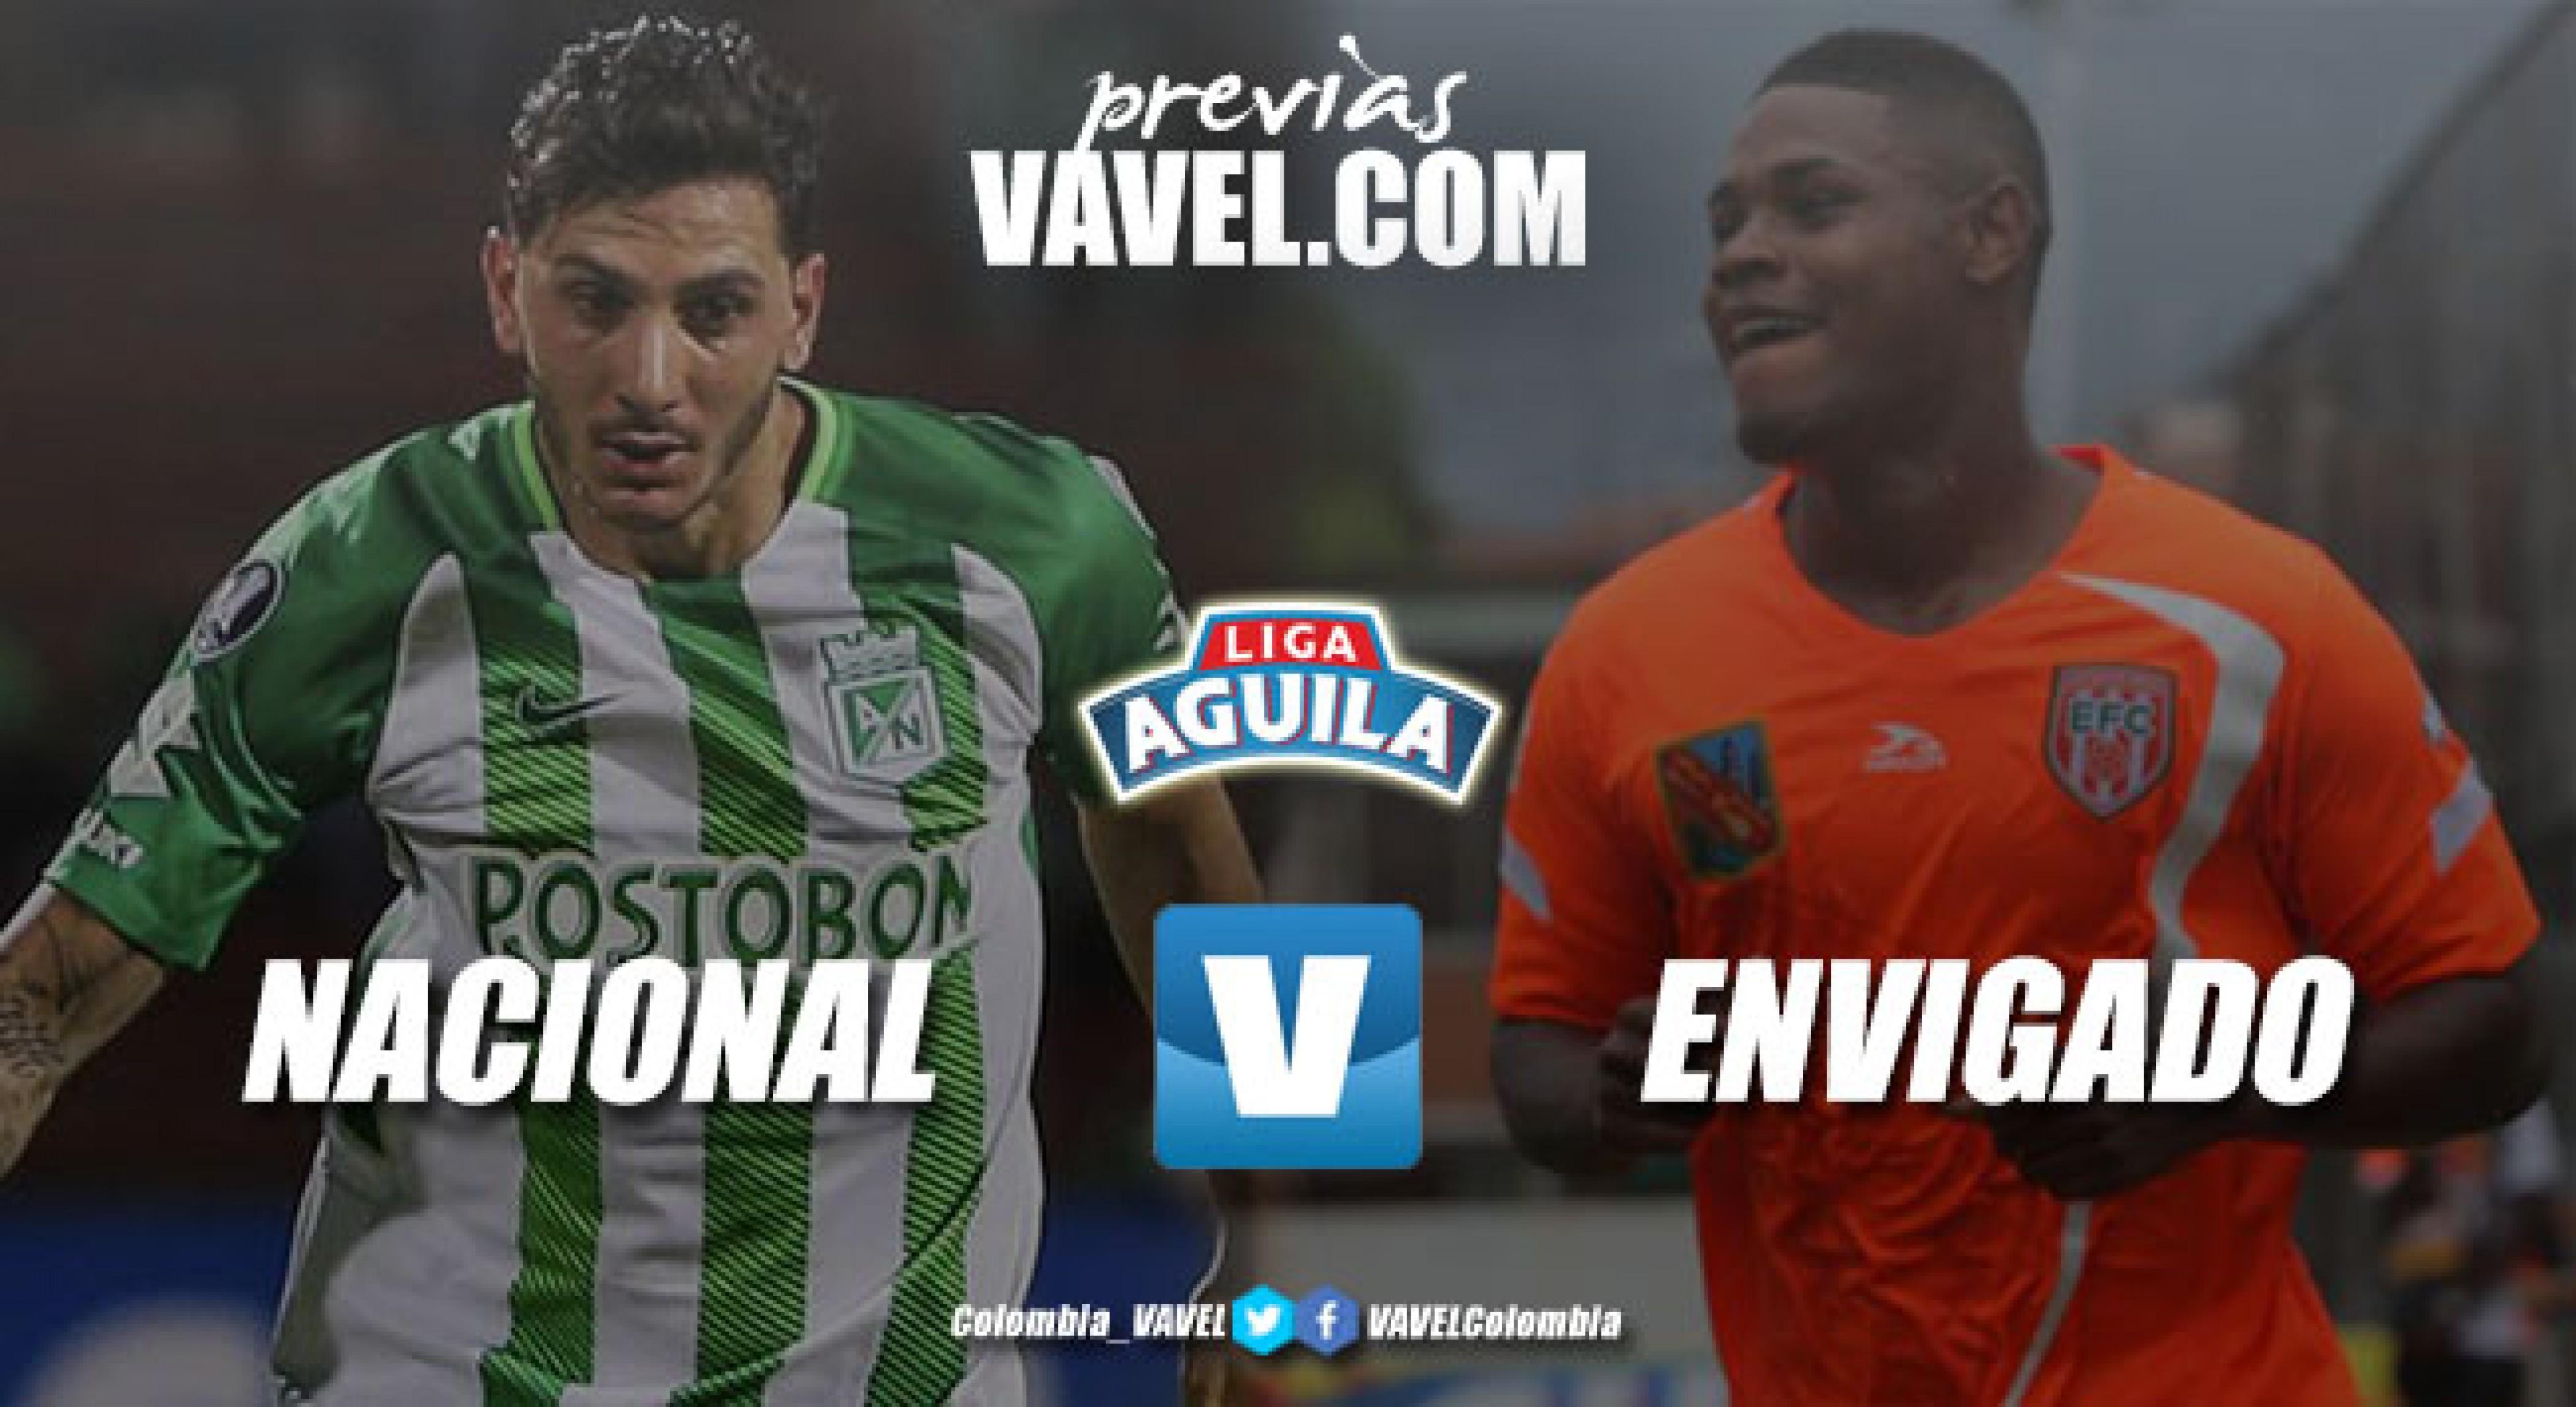 Previa Atlético Nacional - Envigado FC: 'clásico joven' con intensidad